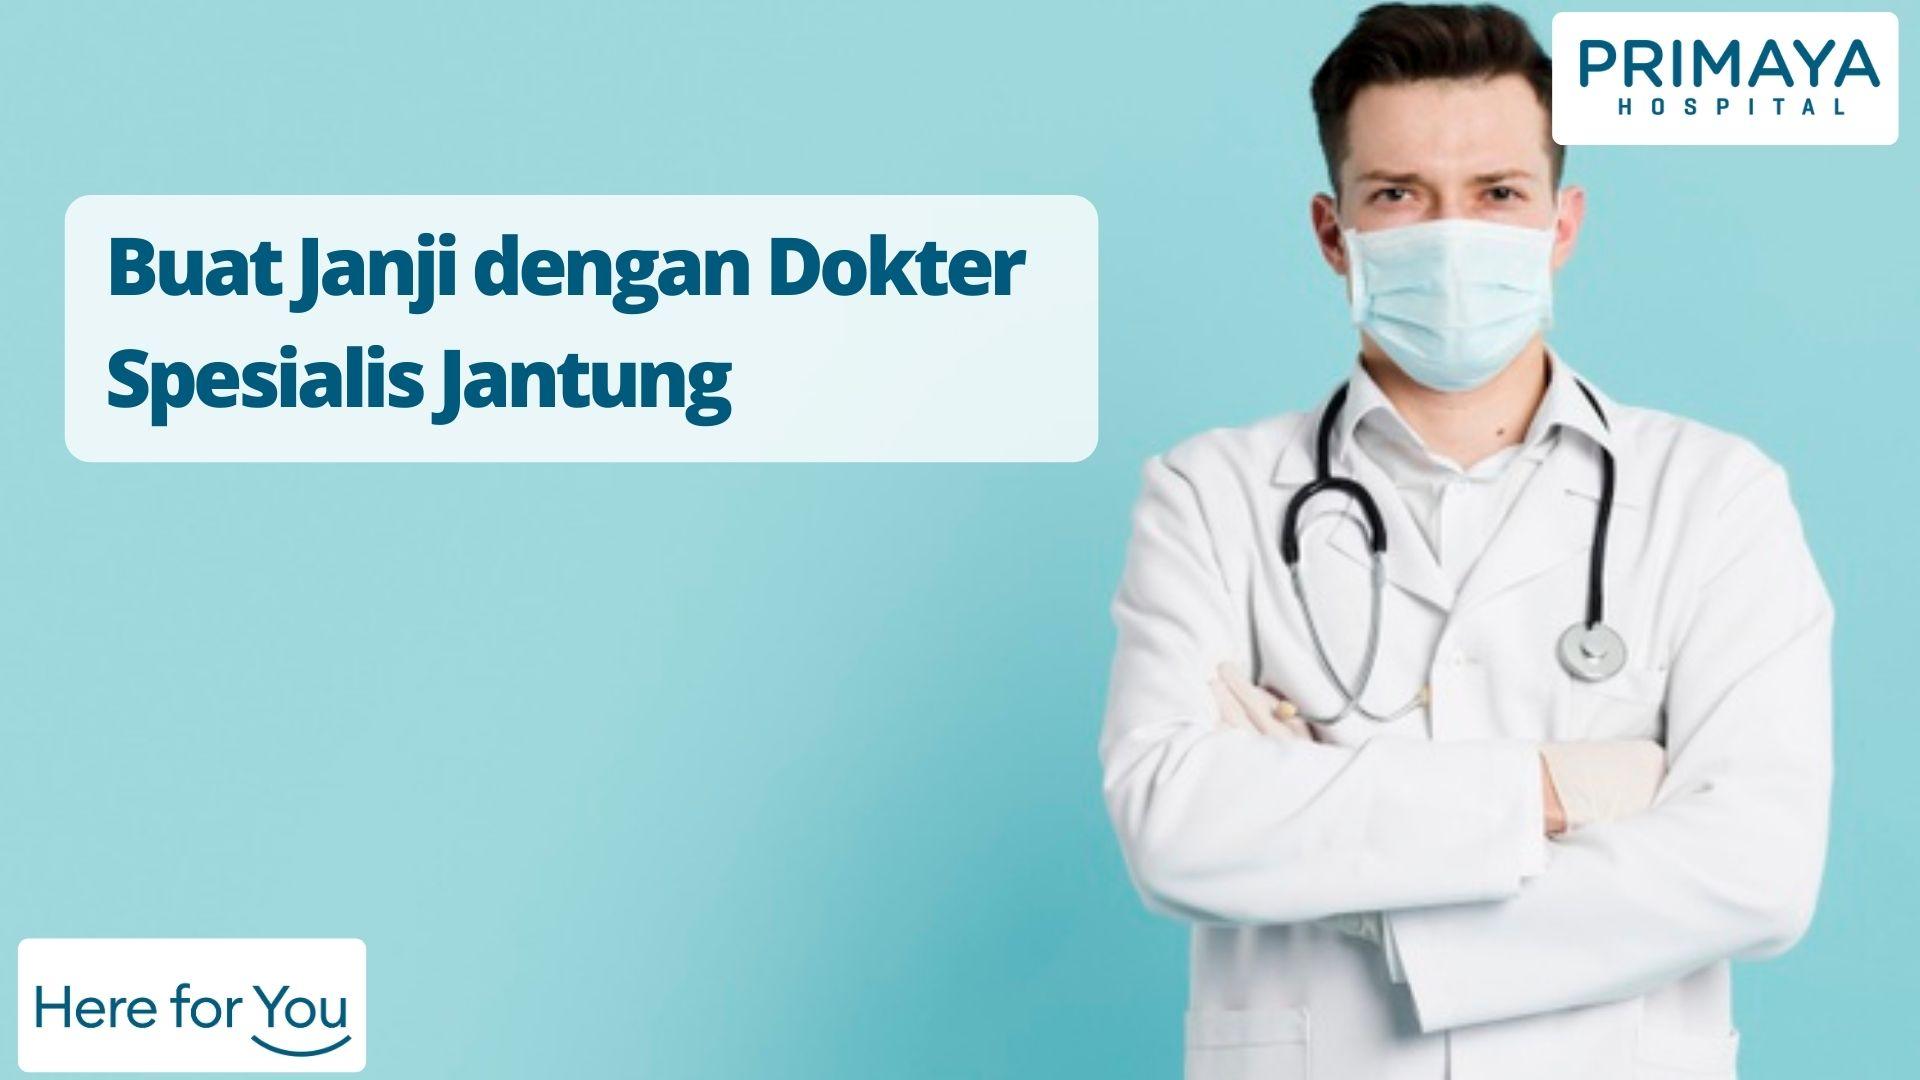 Buat Janji dengan Dokter Spesialis Jantung - Primaya Hospital